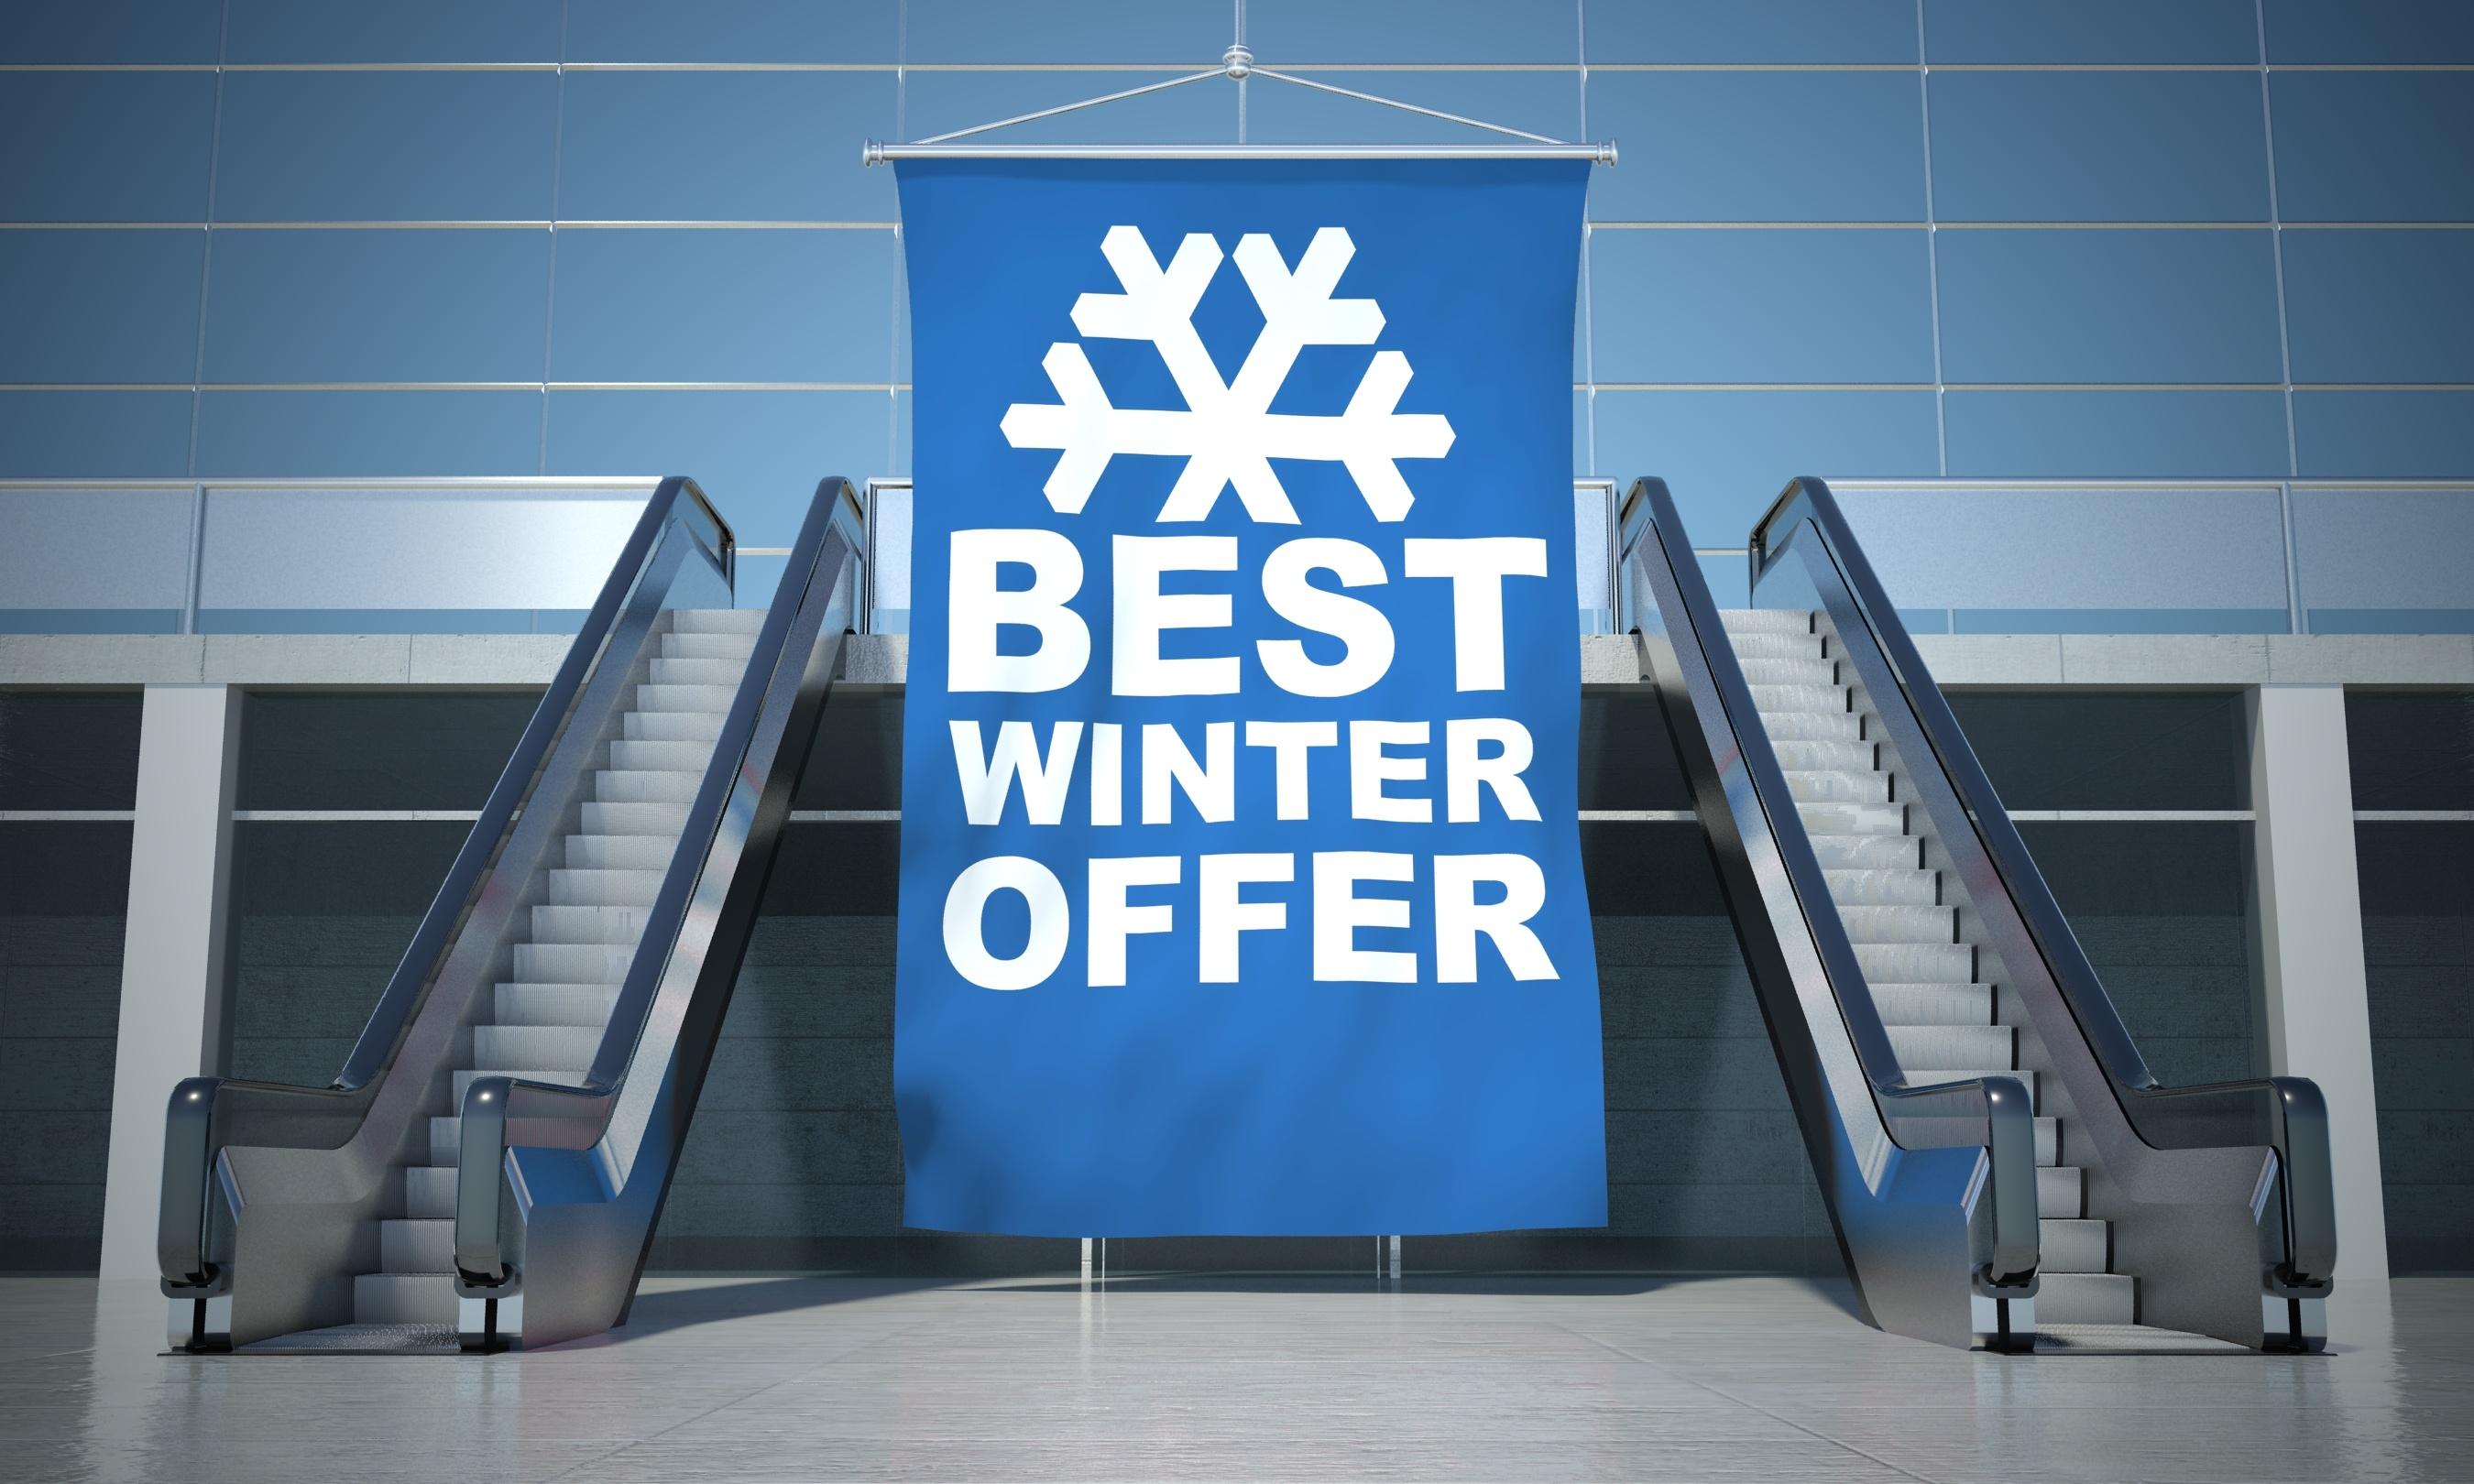 Custom vinyl banner signage for promotion